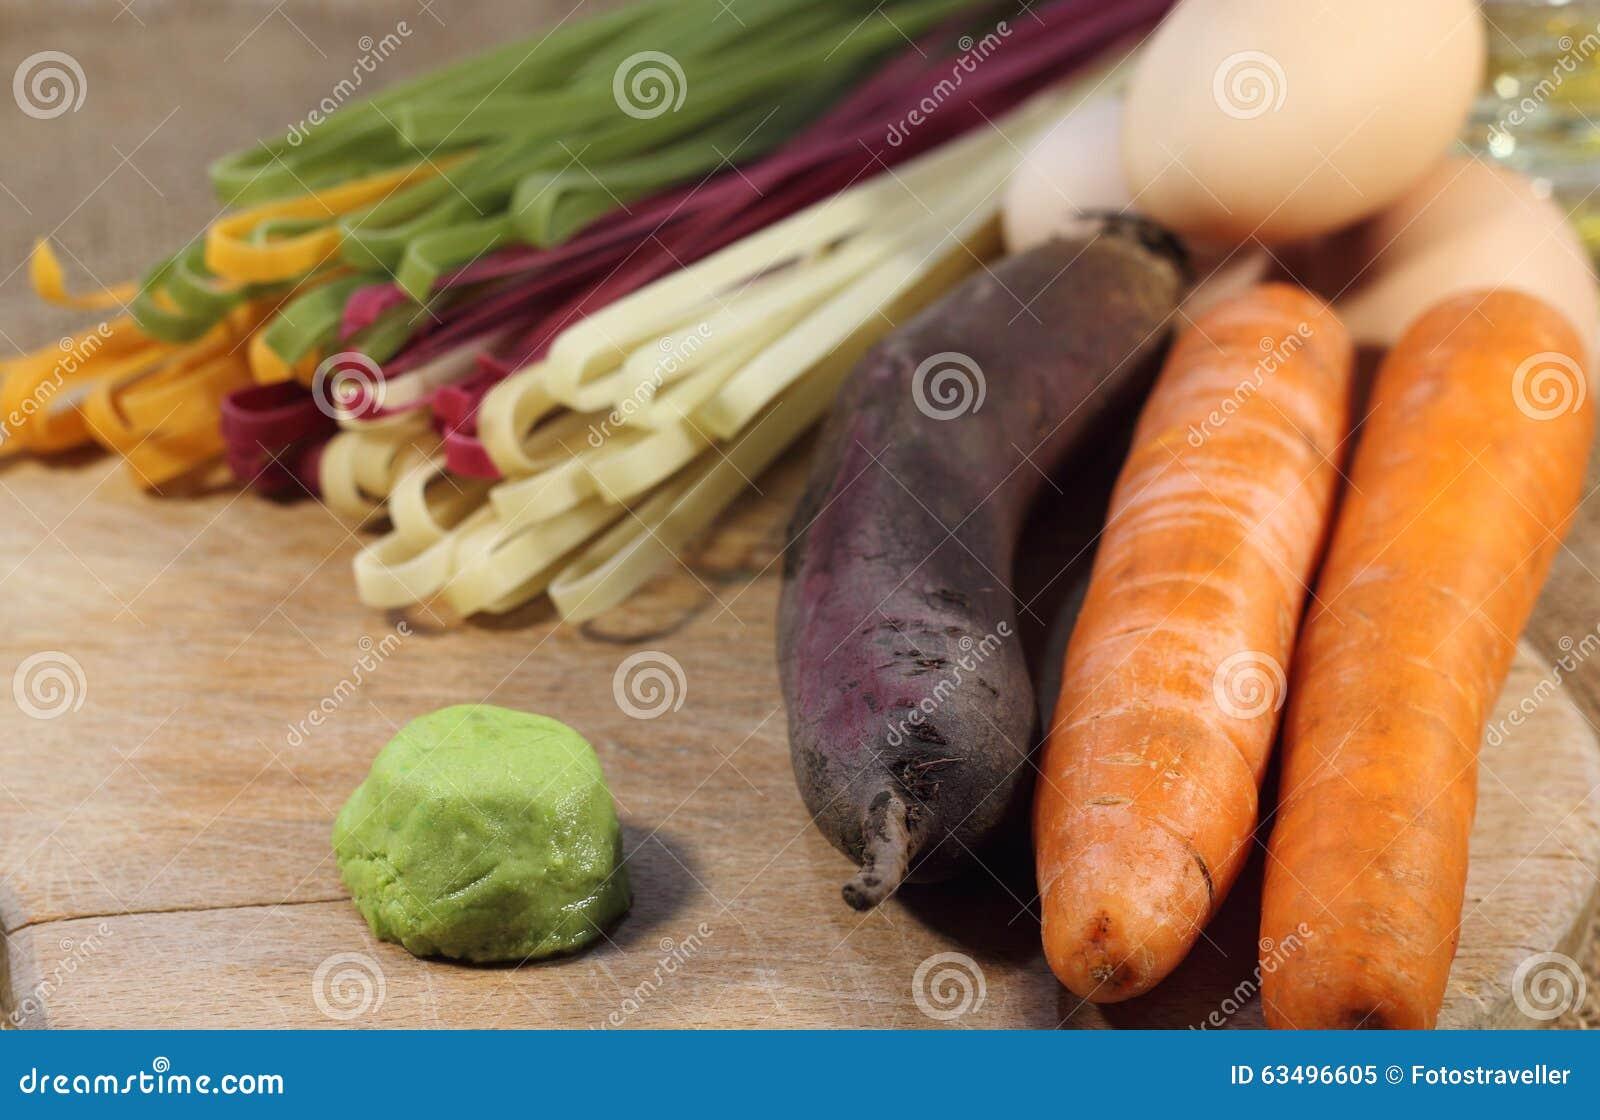 colorants alimentaires des produits naturels - Colorants Alimentaires Naturels